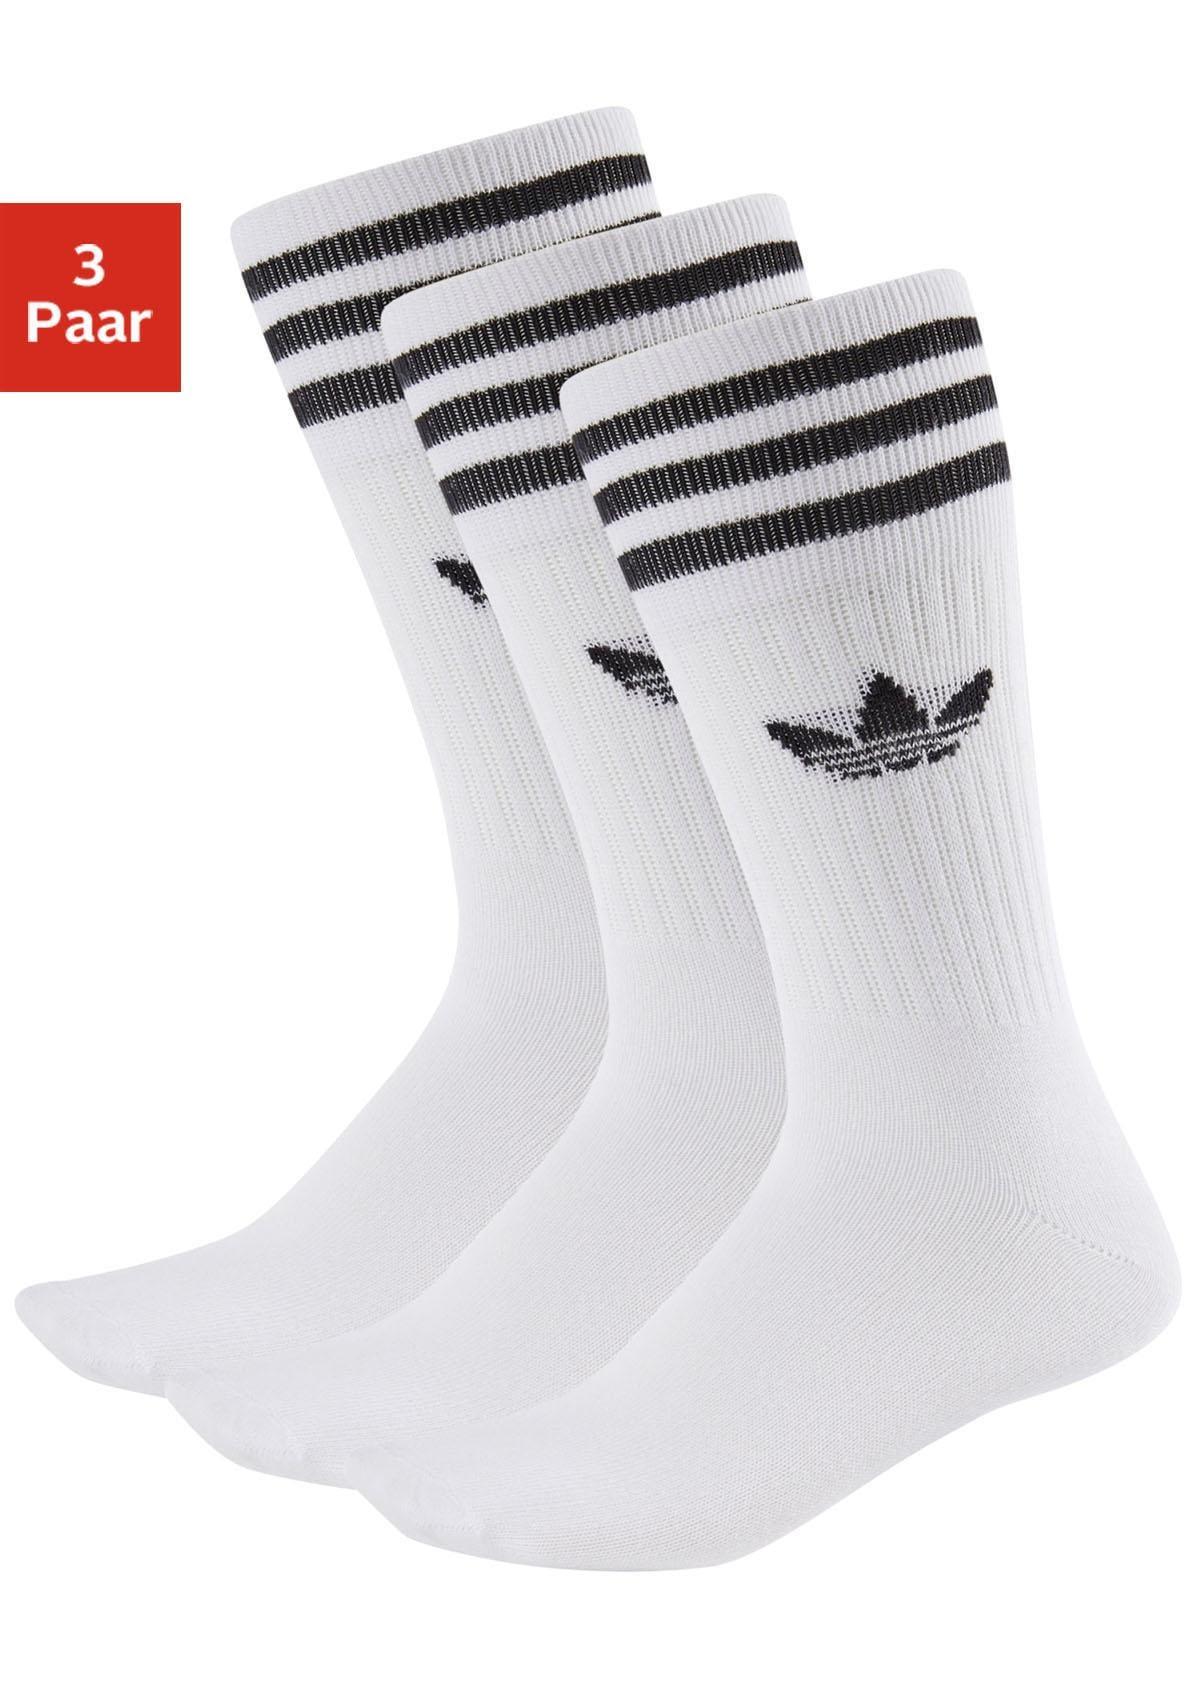 adidas Originals Tennissocken (3 Paar) mit Streifen am Bund Preisvergleich